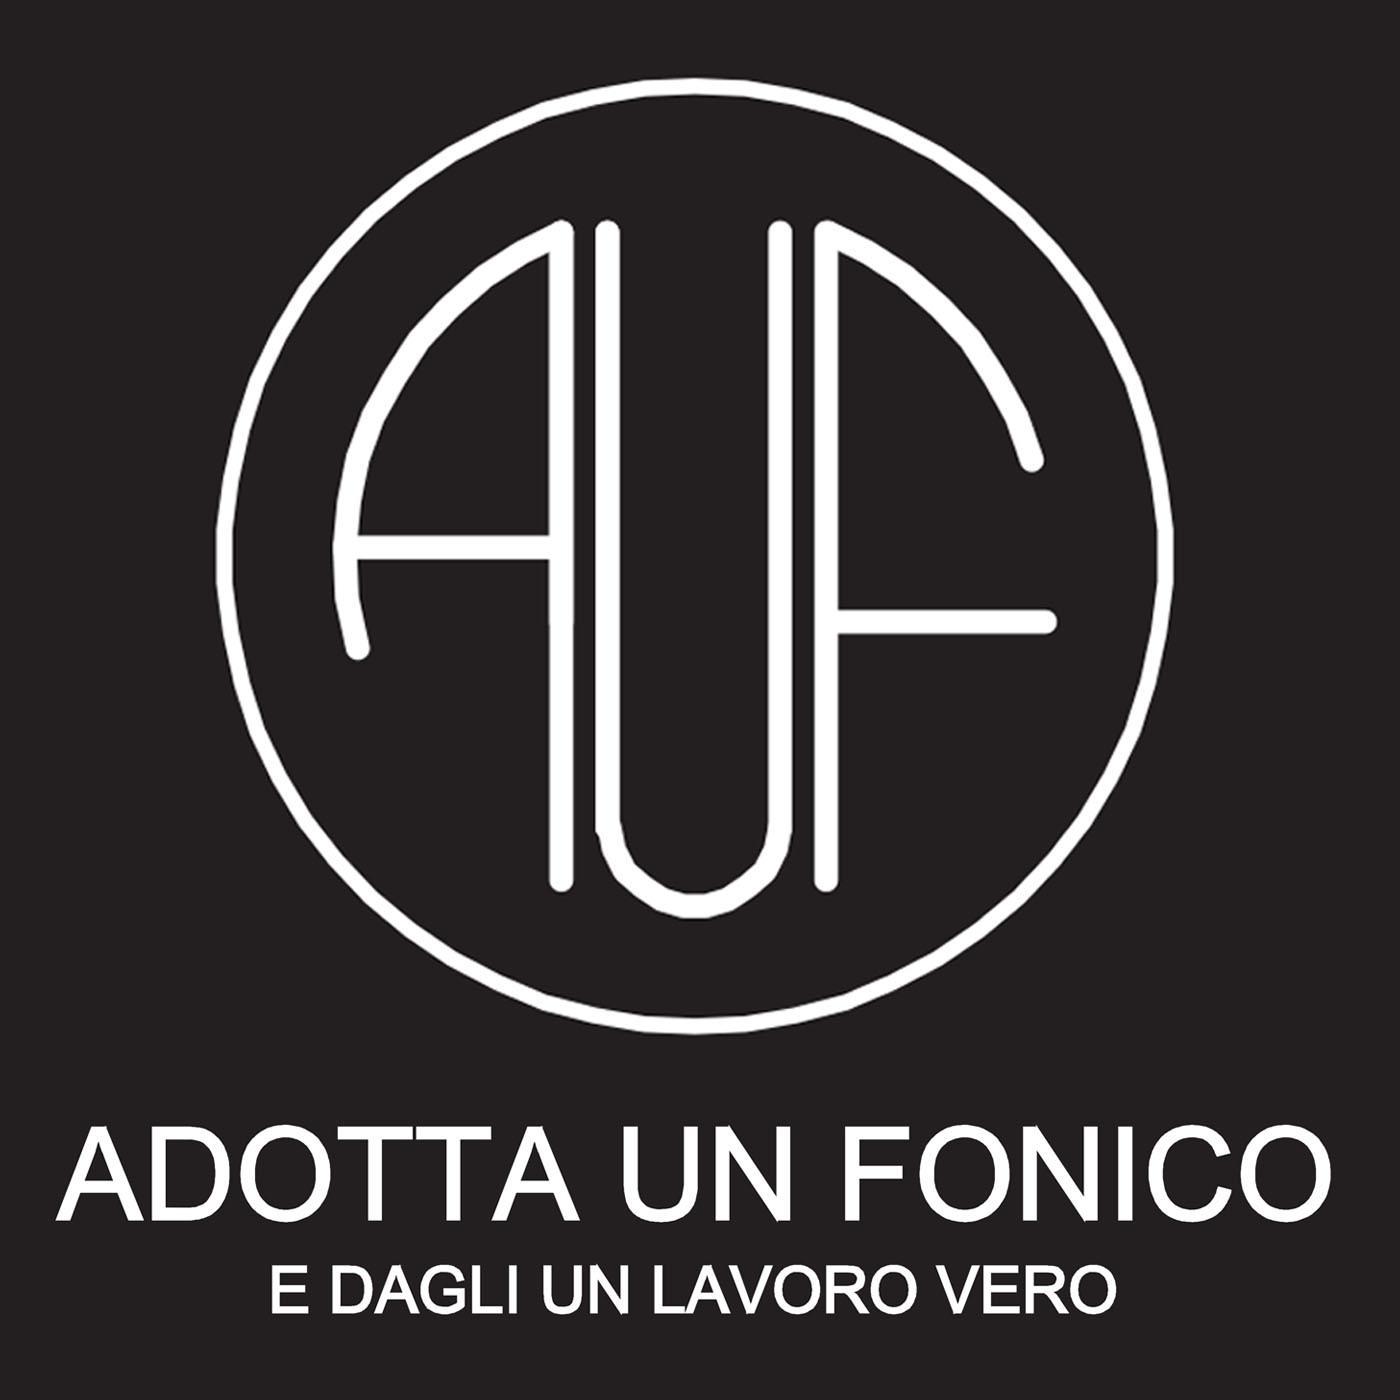 adotta un fonico e dagli un lavoro vero IrDBCeXcRj4 10 Podcast Italiani preferiti da ascoltare